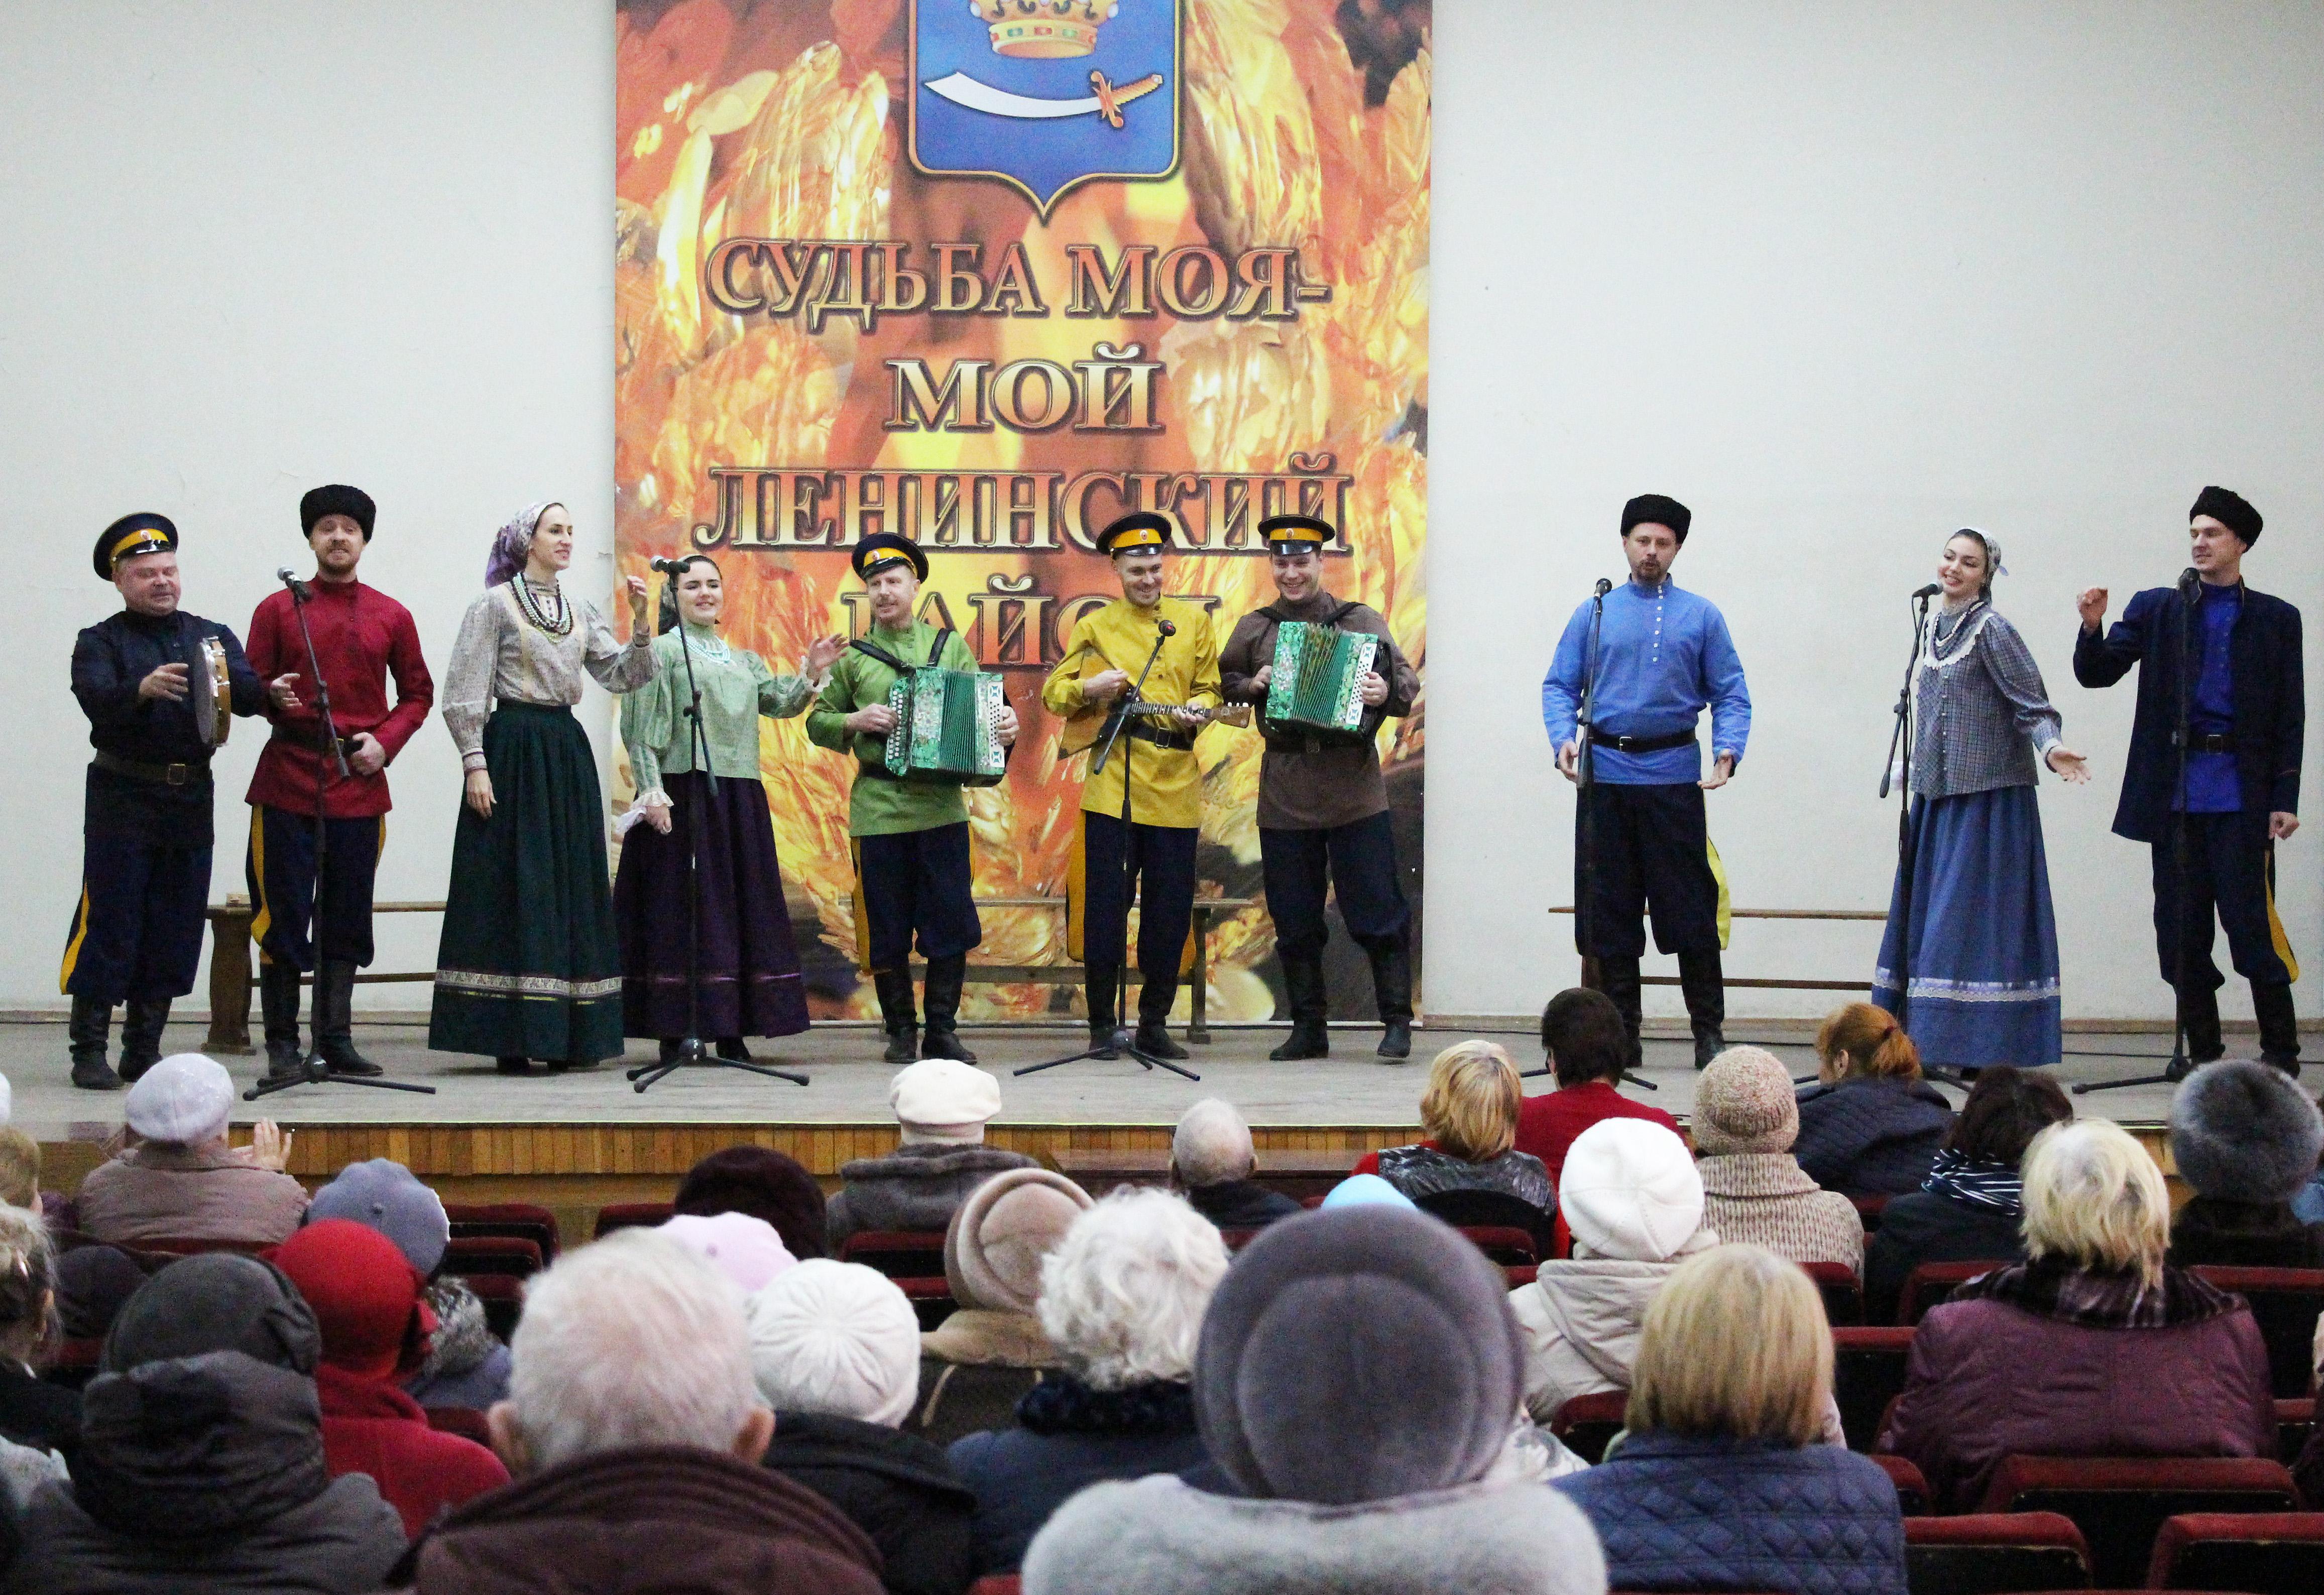 Творческие коллективы методического центра народной культуры выступили с концертом в честь Дня матери